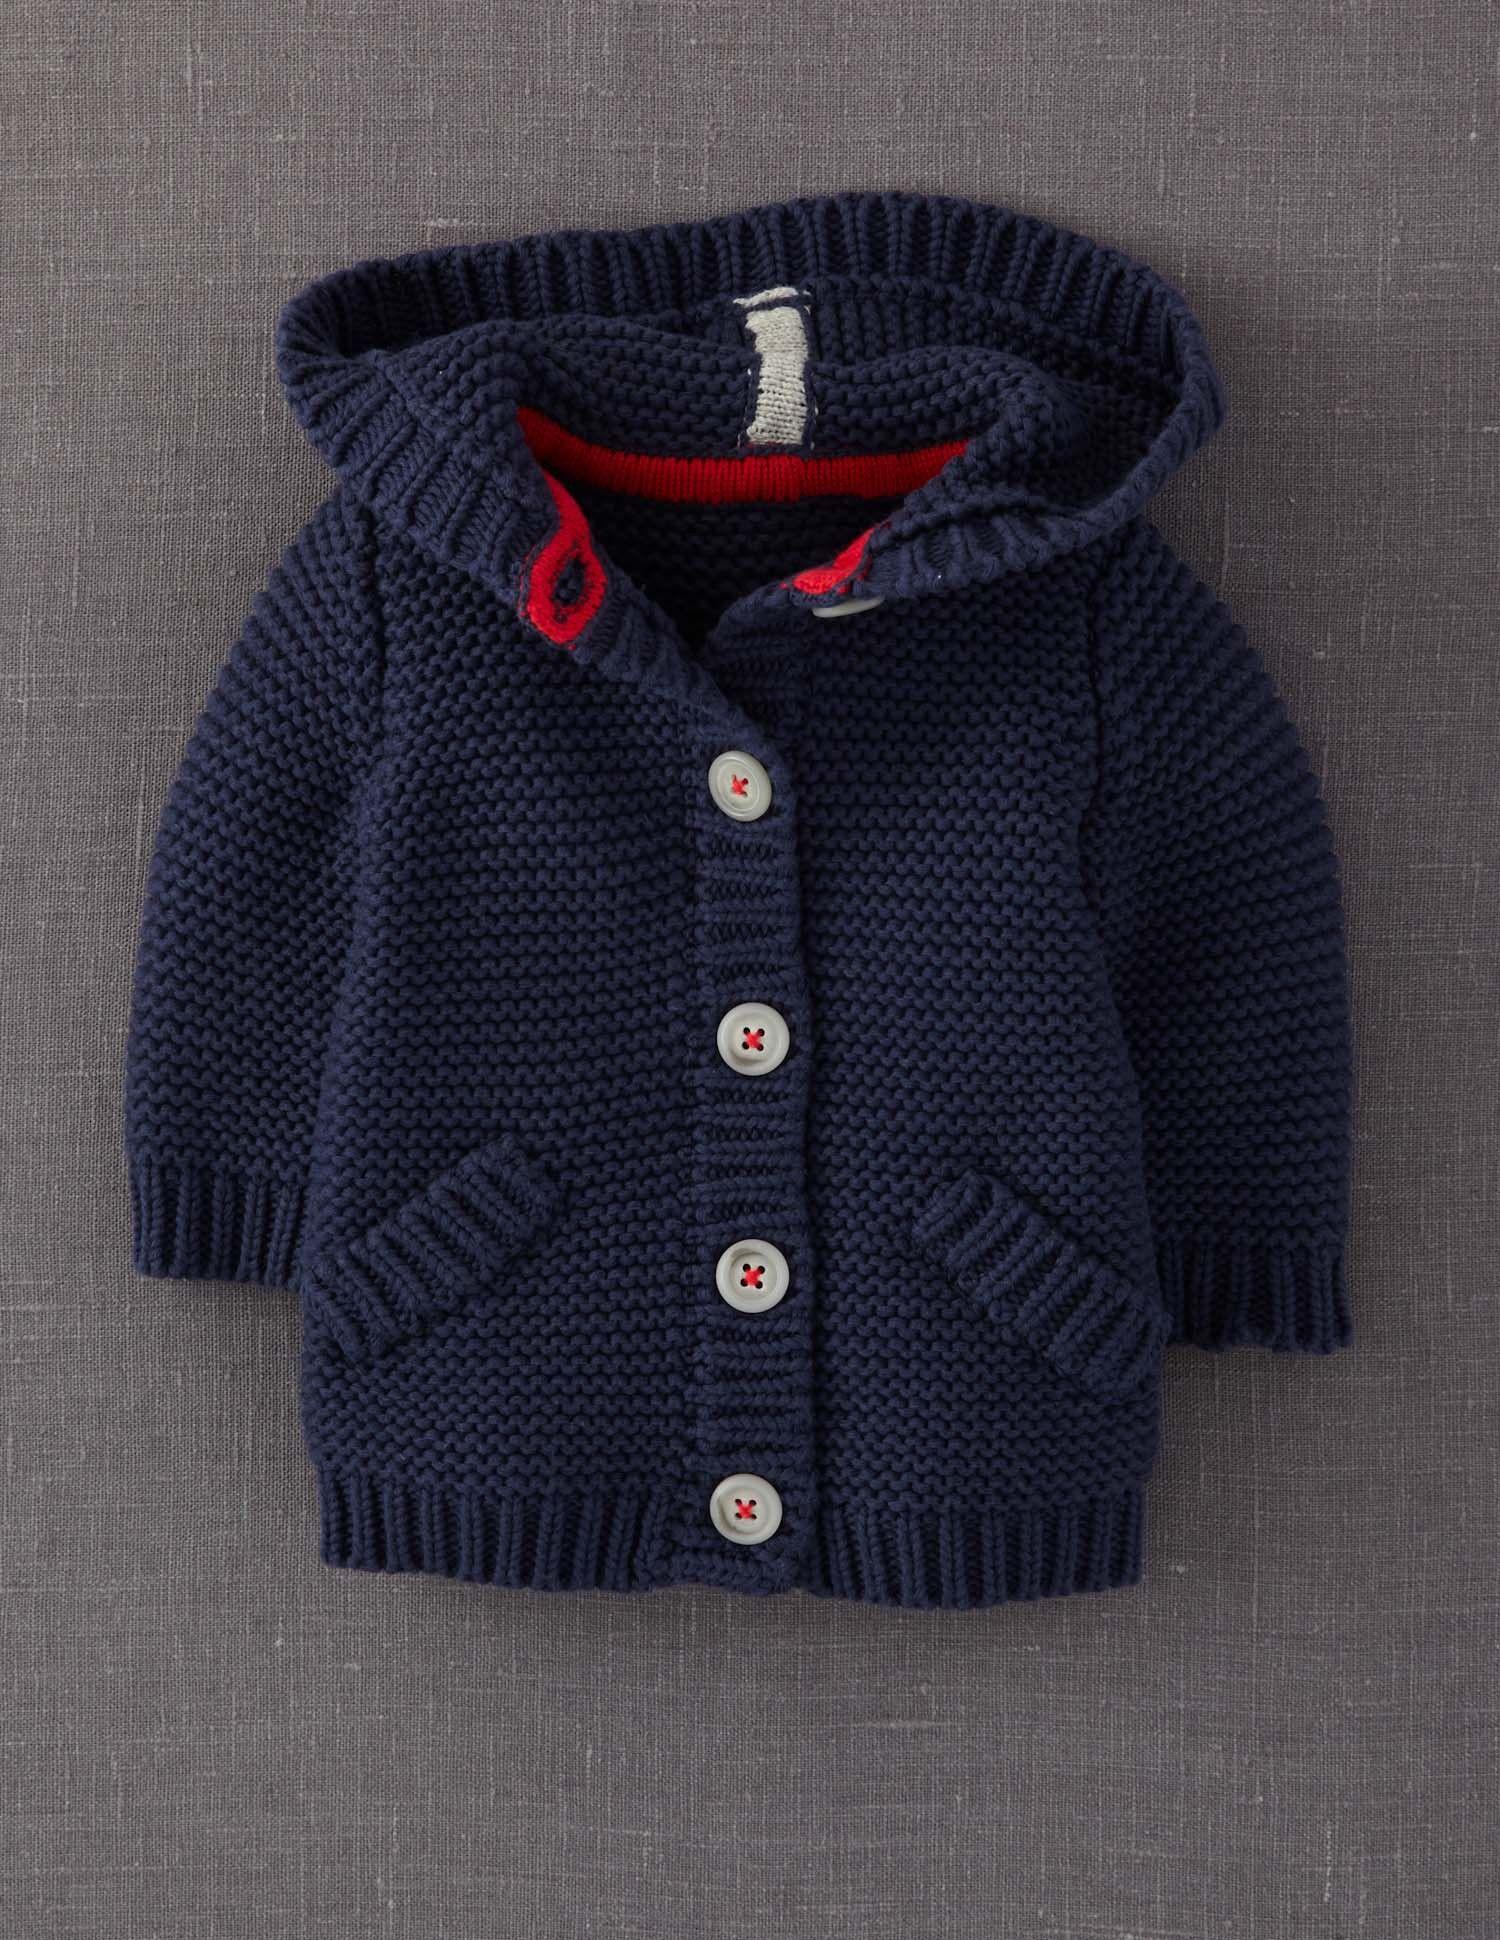 Chunky Cardigan  http   www.bodenusa.com en-US Baby-0-4yrs-Knitwear 71204-NAV Baby-0-4yrs-Navy-Chunky-Cardigan.html orcid -73  271fe8db1381